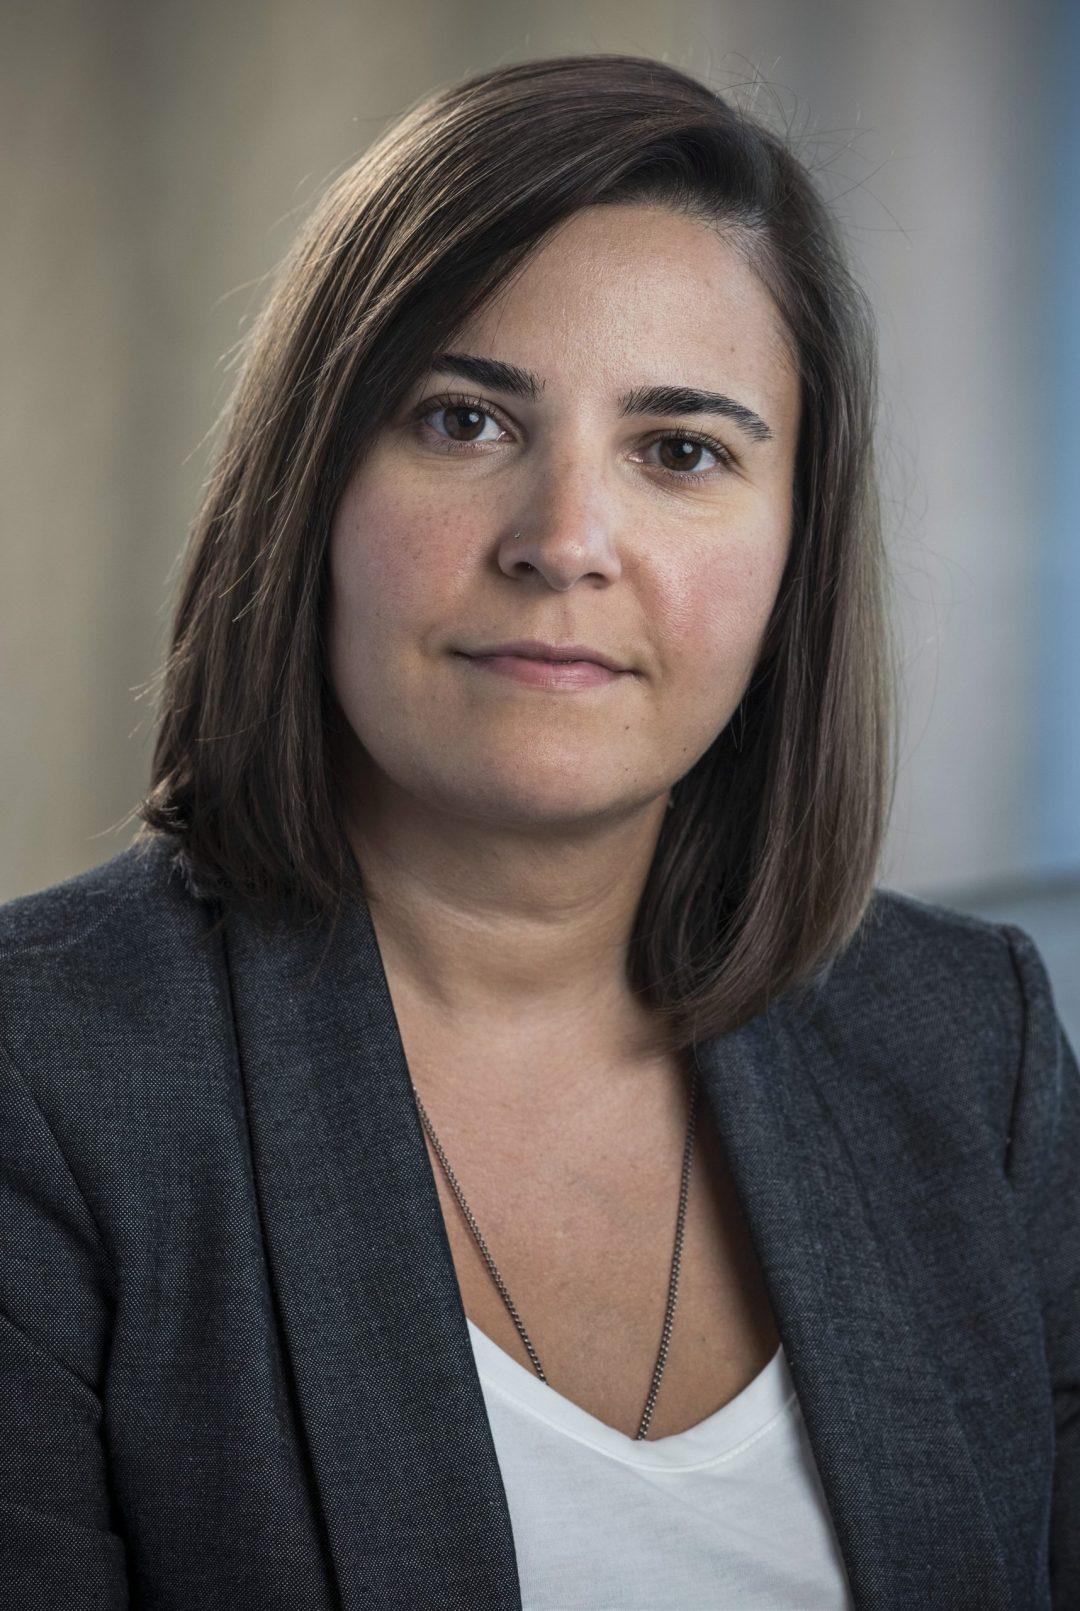 photo of Laura Nissen